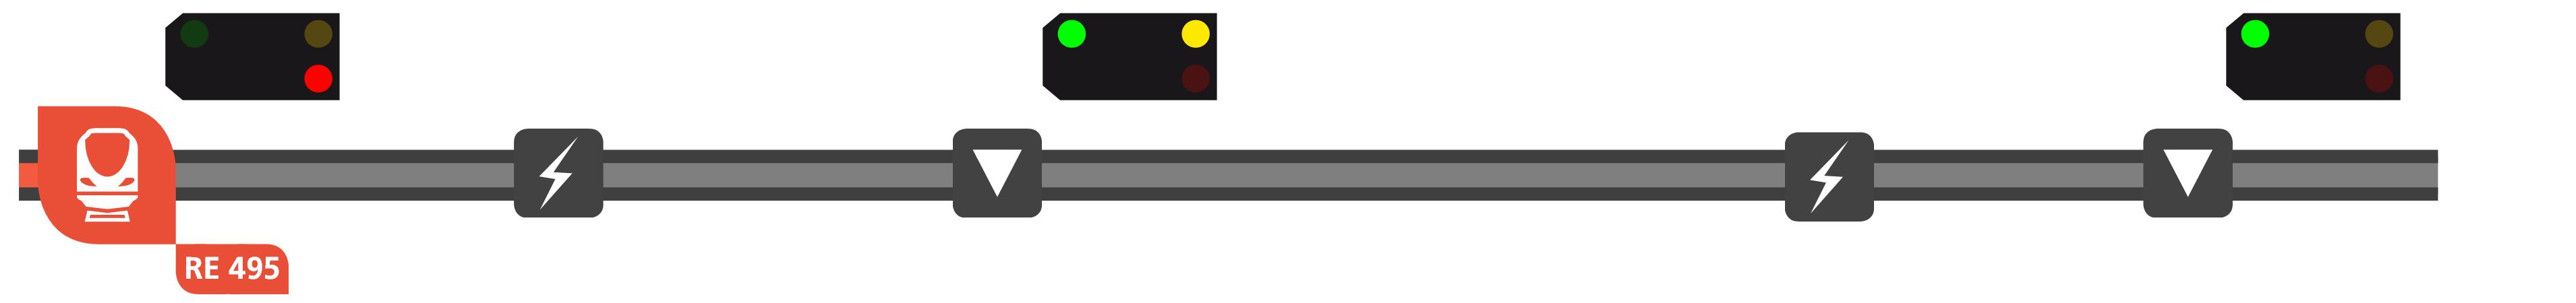 Visualisierung der ALAN Blocksignalisierung - Bild 15 von 18